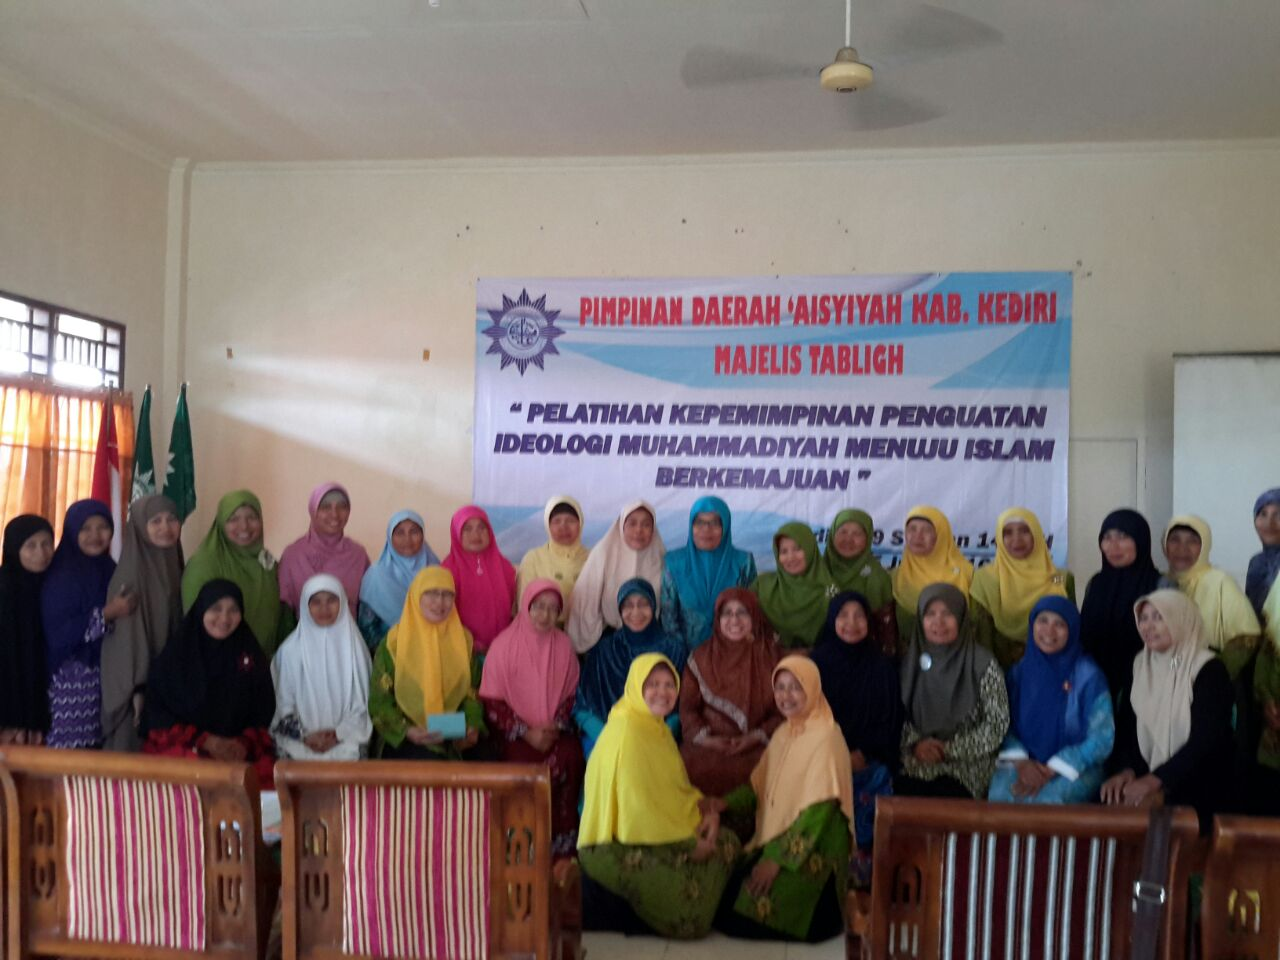 Majelis Tabligh PDA Kabupaten Kediri pada tanggal 5 Juni 2016 telah mengadakan Pelatihan Kepemimpinan Penguatan Ideologi Muhammadiyah menuju Islam Berkemajuan di Gedung Dakwah Muhammadiyah yang diikuti oleh utusan dari 22 Cabang se-Kabupaten Kediri